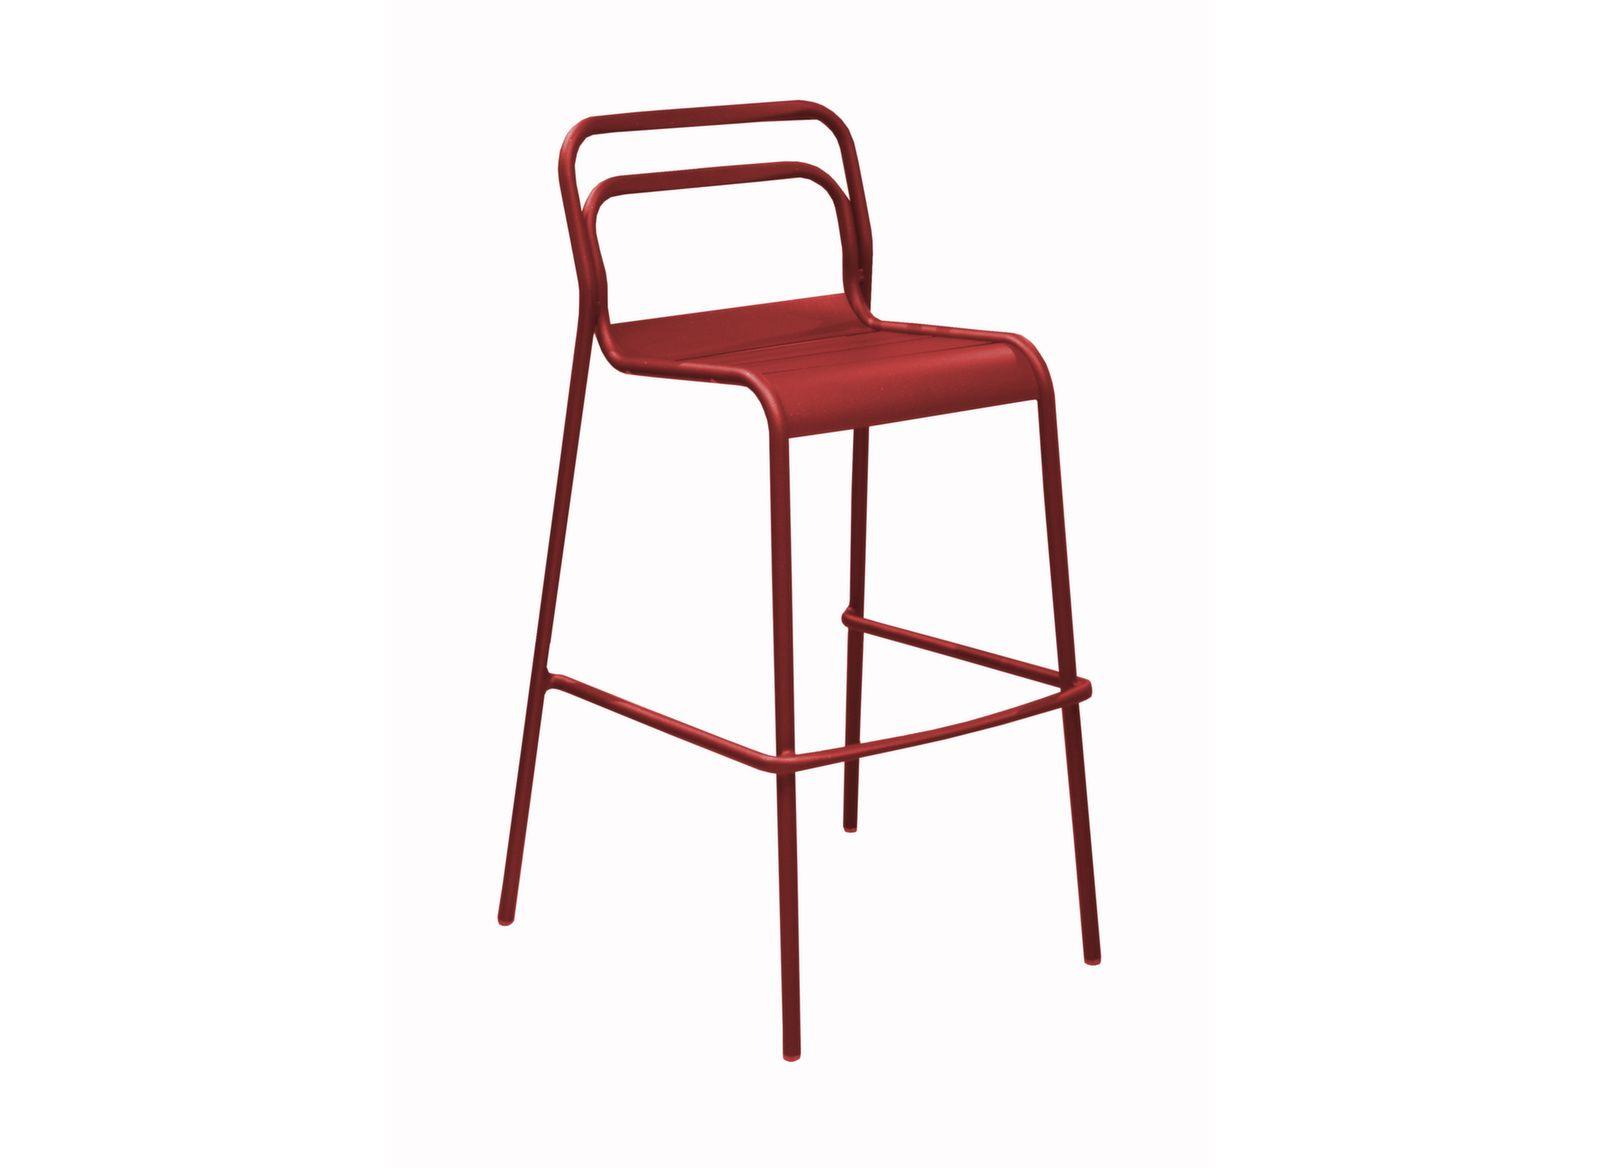 Chaise haute Eos